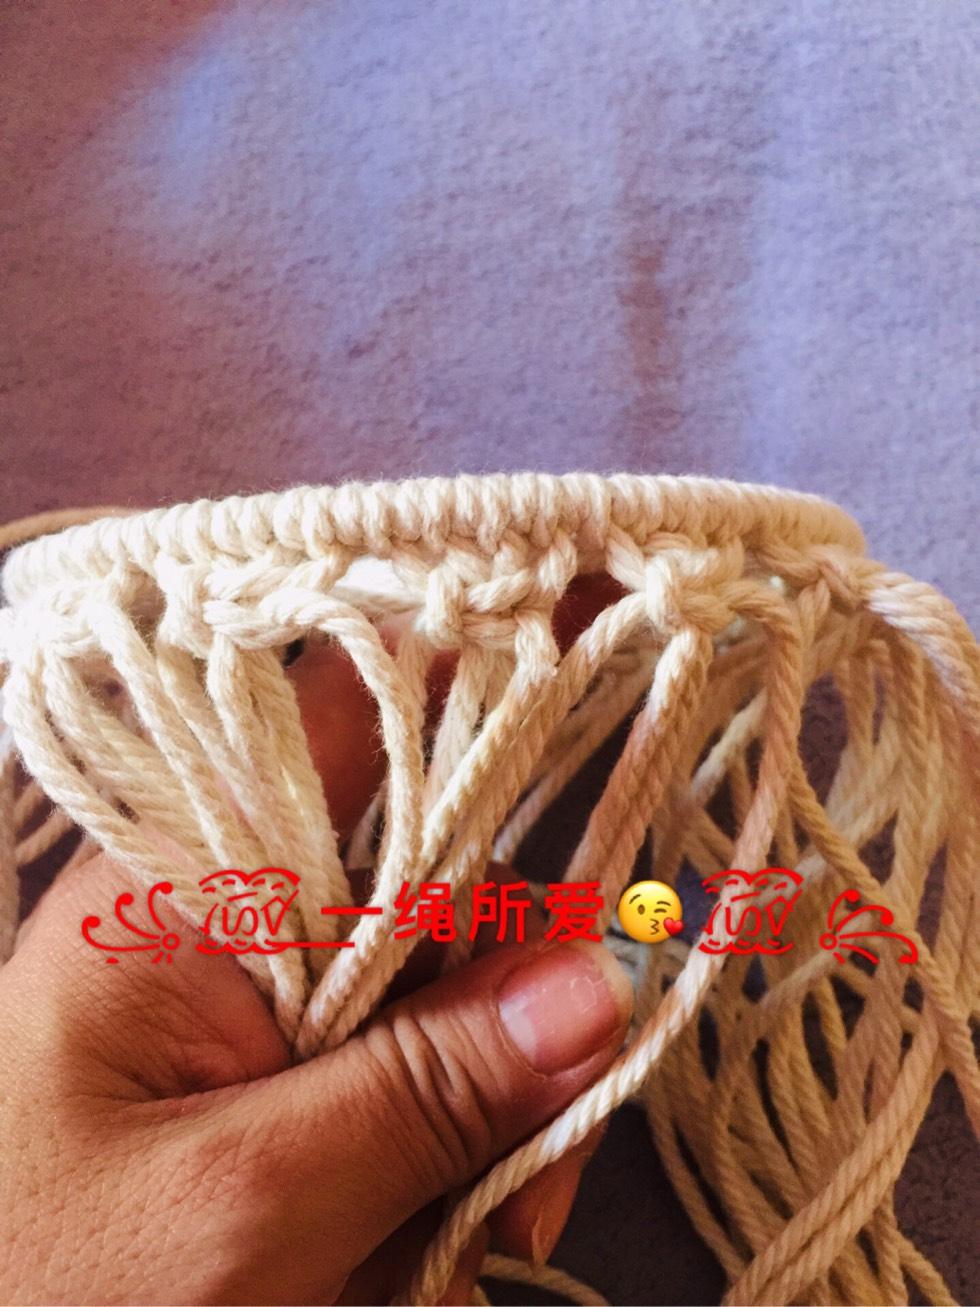 中国结论坛 原创·Macrame 收纳篮  立体绳结教程与交流区 143016lmbqtmj5vlqk6a5q